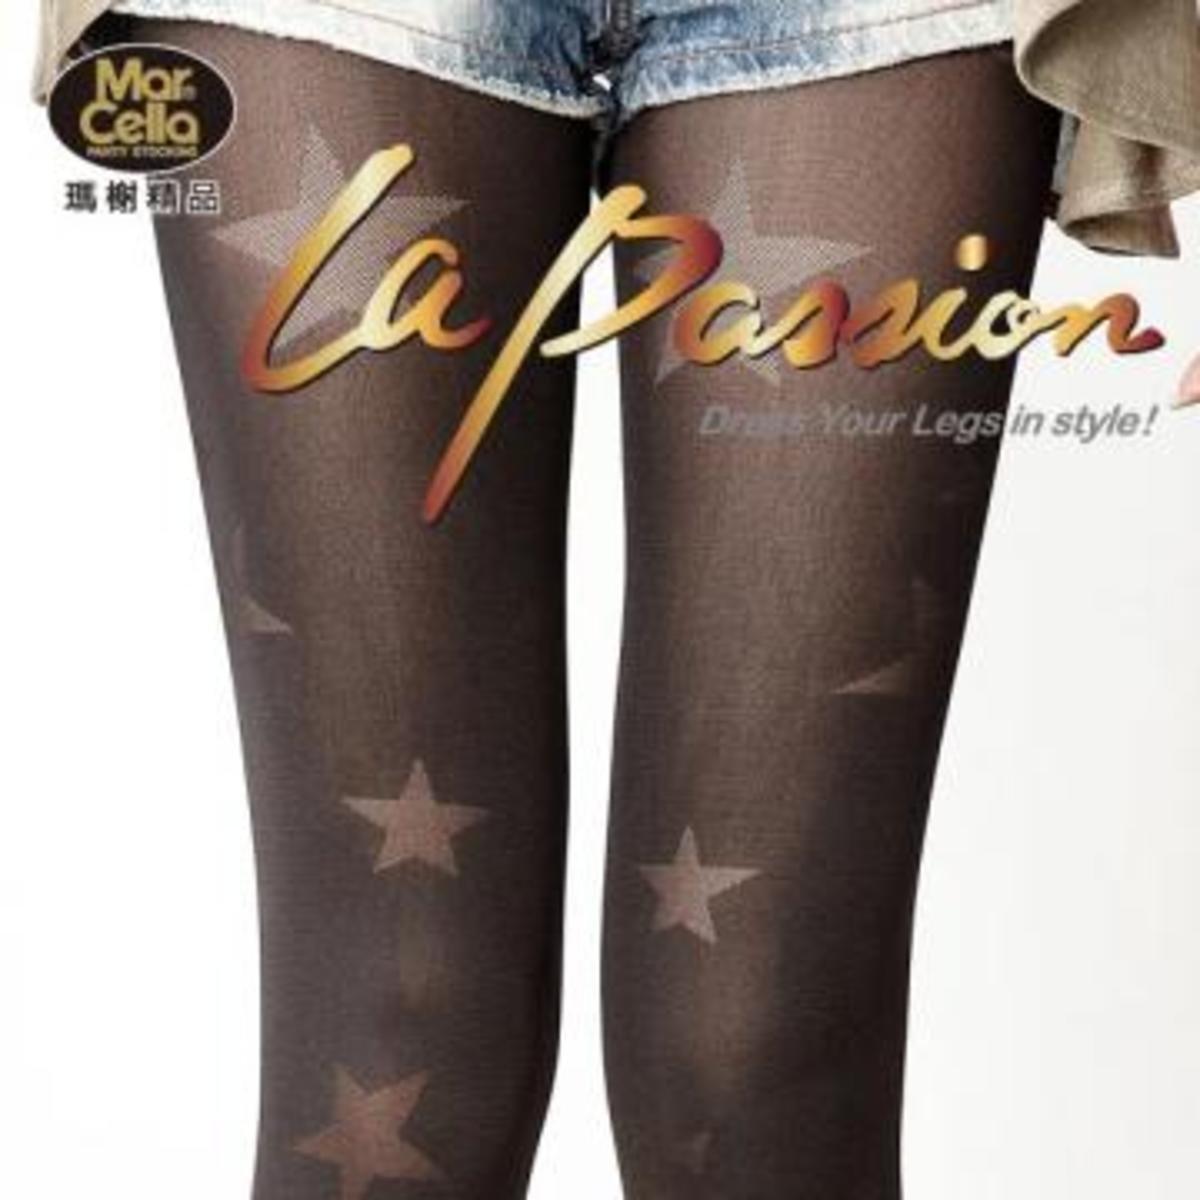 閃亮星星花紋褲襪 / 絲襪